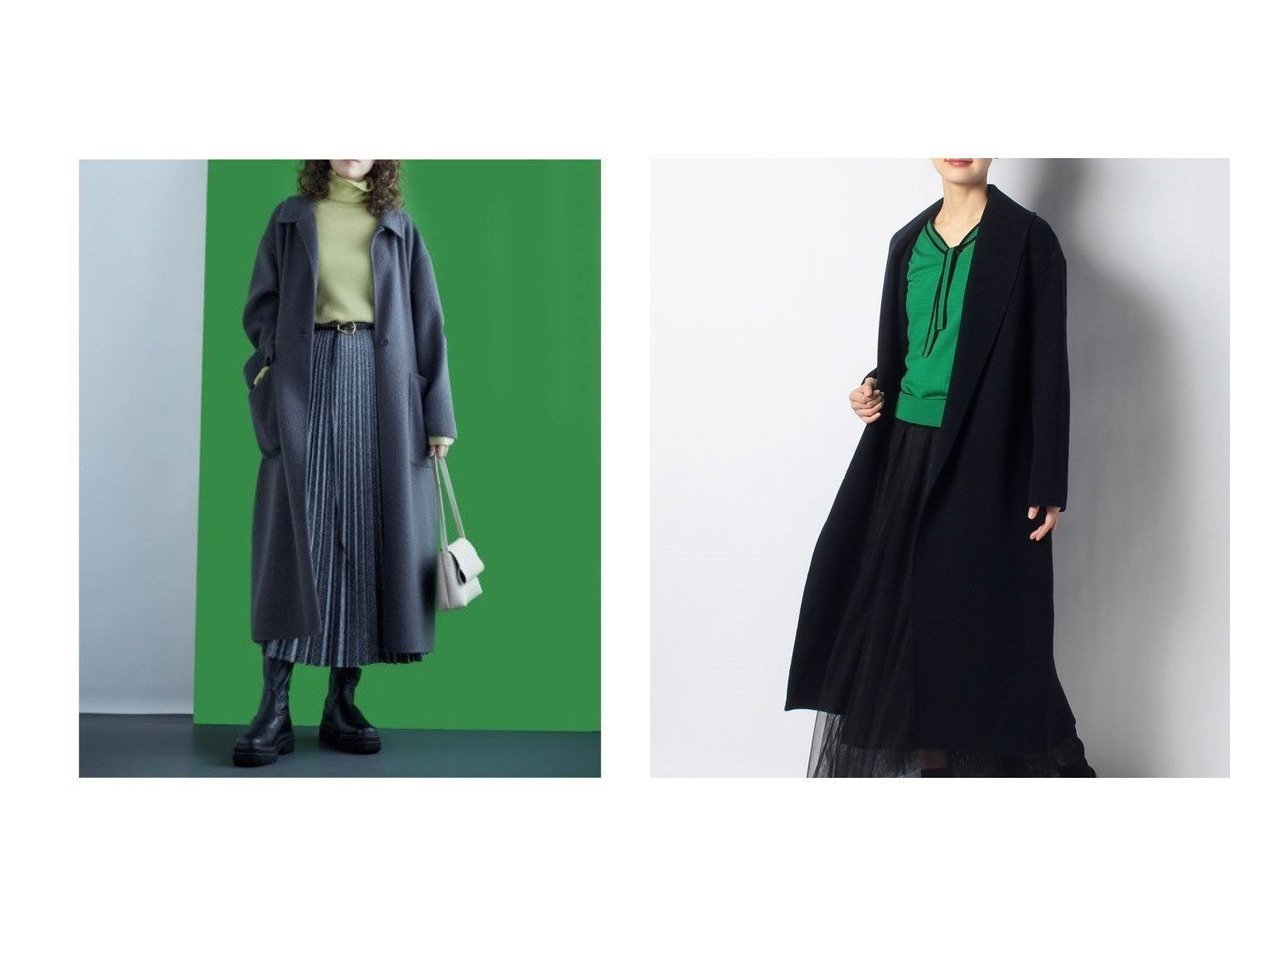 【Mila Owen/ミラオーウェン】の接結シャギーリーンシルエットコート&【allureville/アルアバイル】のショールカラーリバーコート おすすめ!人気、トレンド・レディースファッションの通販 おすすめで人気の流行・トレンド、ファッションの通販商品 メンズファッション・キッズファッション・インテリア・家具・レディースファッション・服の通販 founy(ファニー) https://founy.com/ ファッション Fashion レディースファッション WOMEN アウター Coat Outerwear コート Coats チェスターコート Top Coat スタイリッシュ スマート チェスターコート トレンド ポケット 冬 Winter スリット 無地 |ID:crp329100000008851